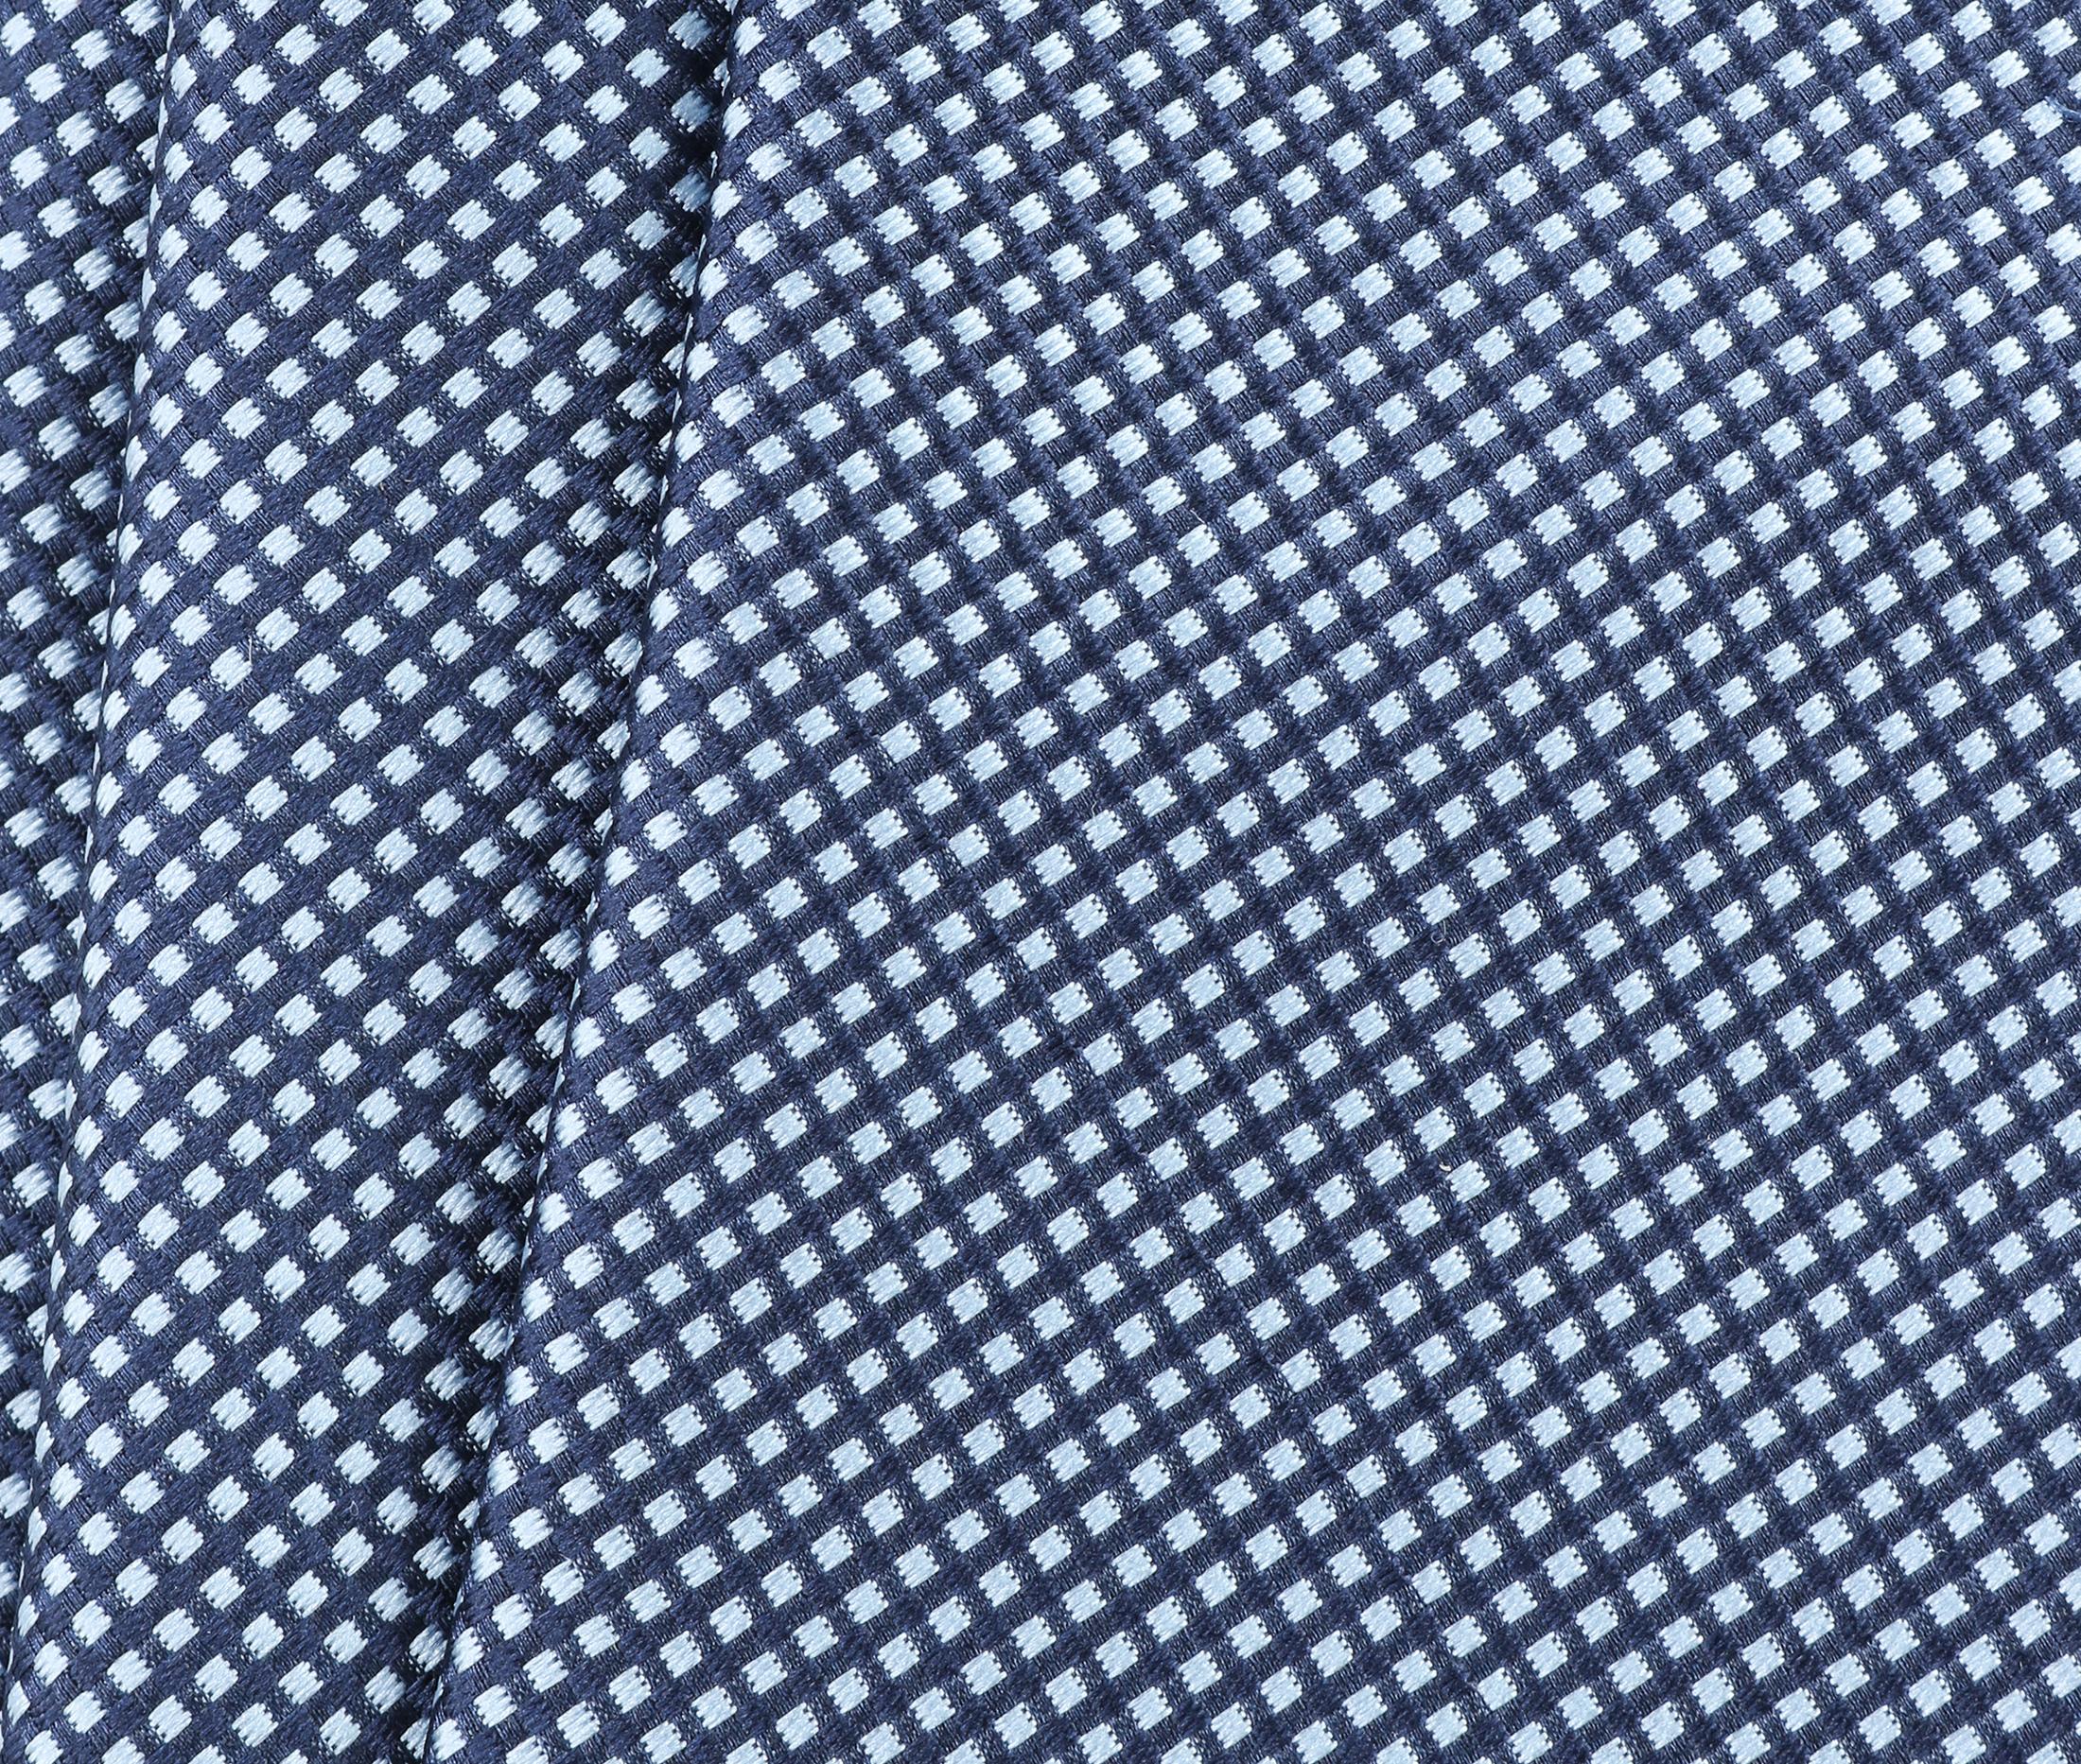 Krawatte Seide Karo Hellblau 9-17 foto 2